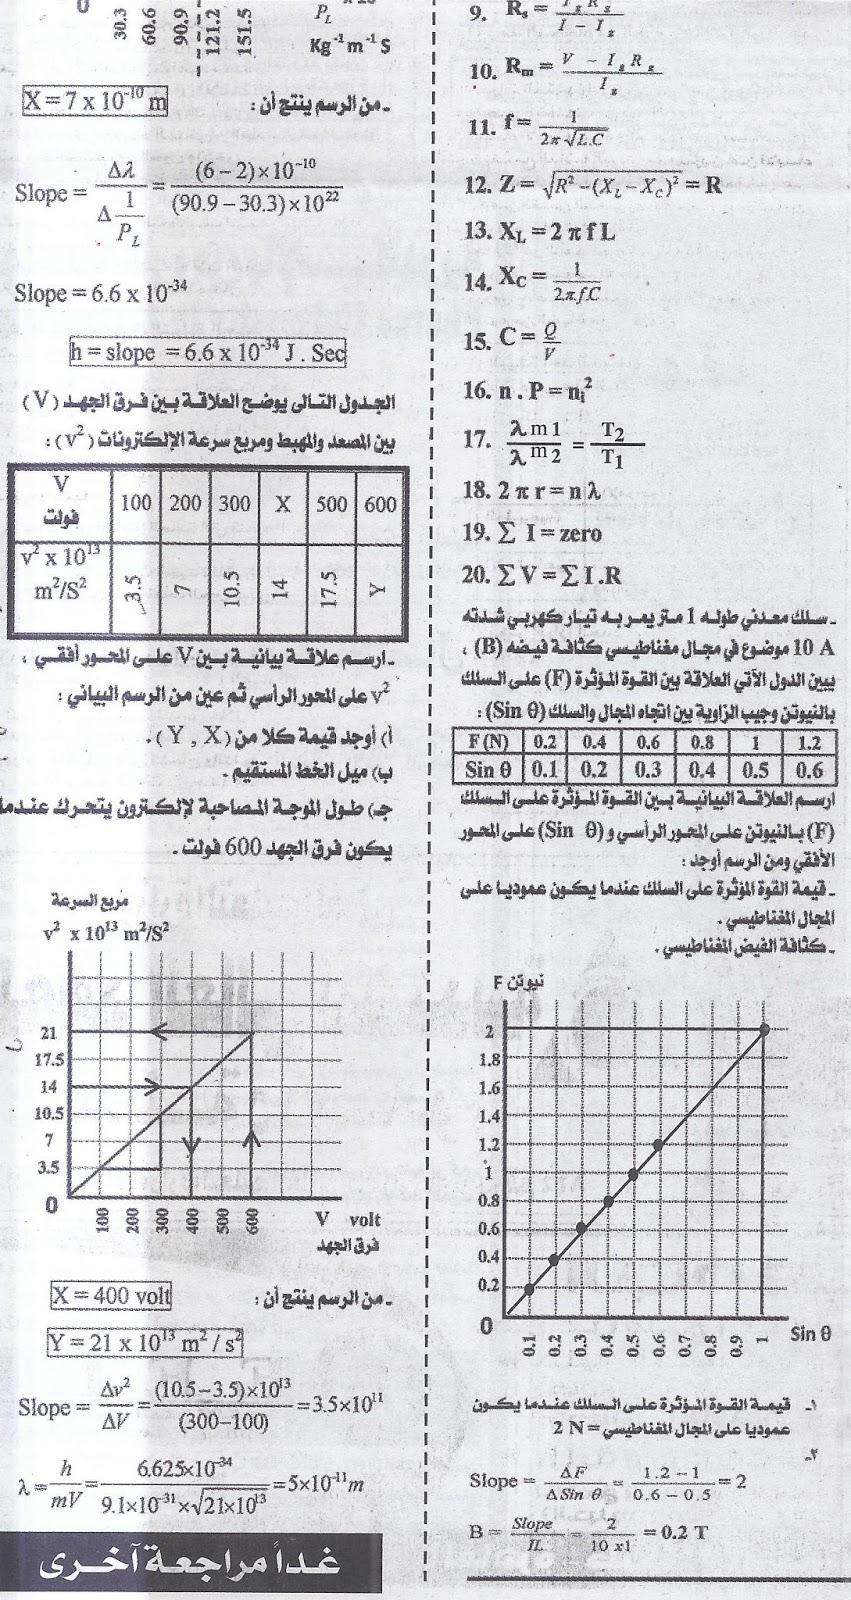 """مراجعة فيزياء .. اهم اسئلة علل واهم المسائل والرسومات البيانية للثانوية العامة """"عربي ولغات"""" 7"""